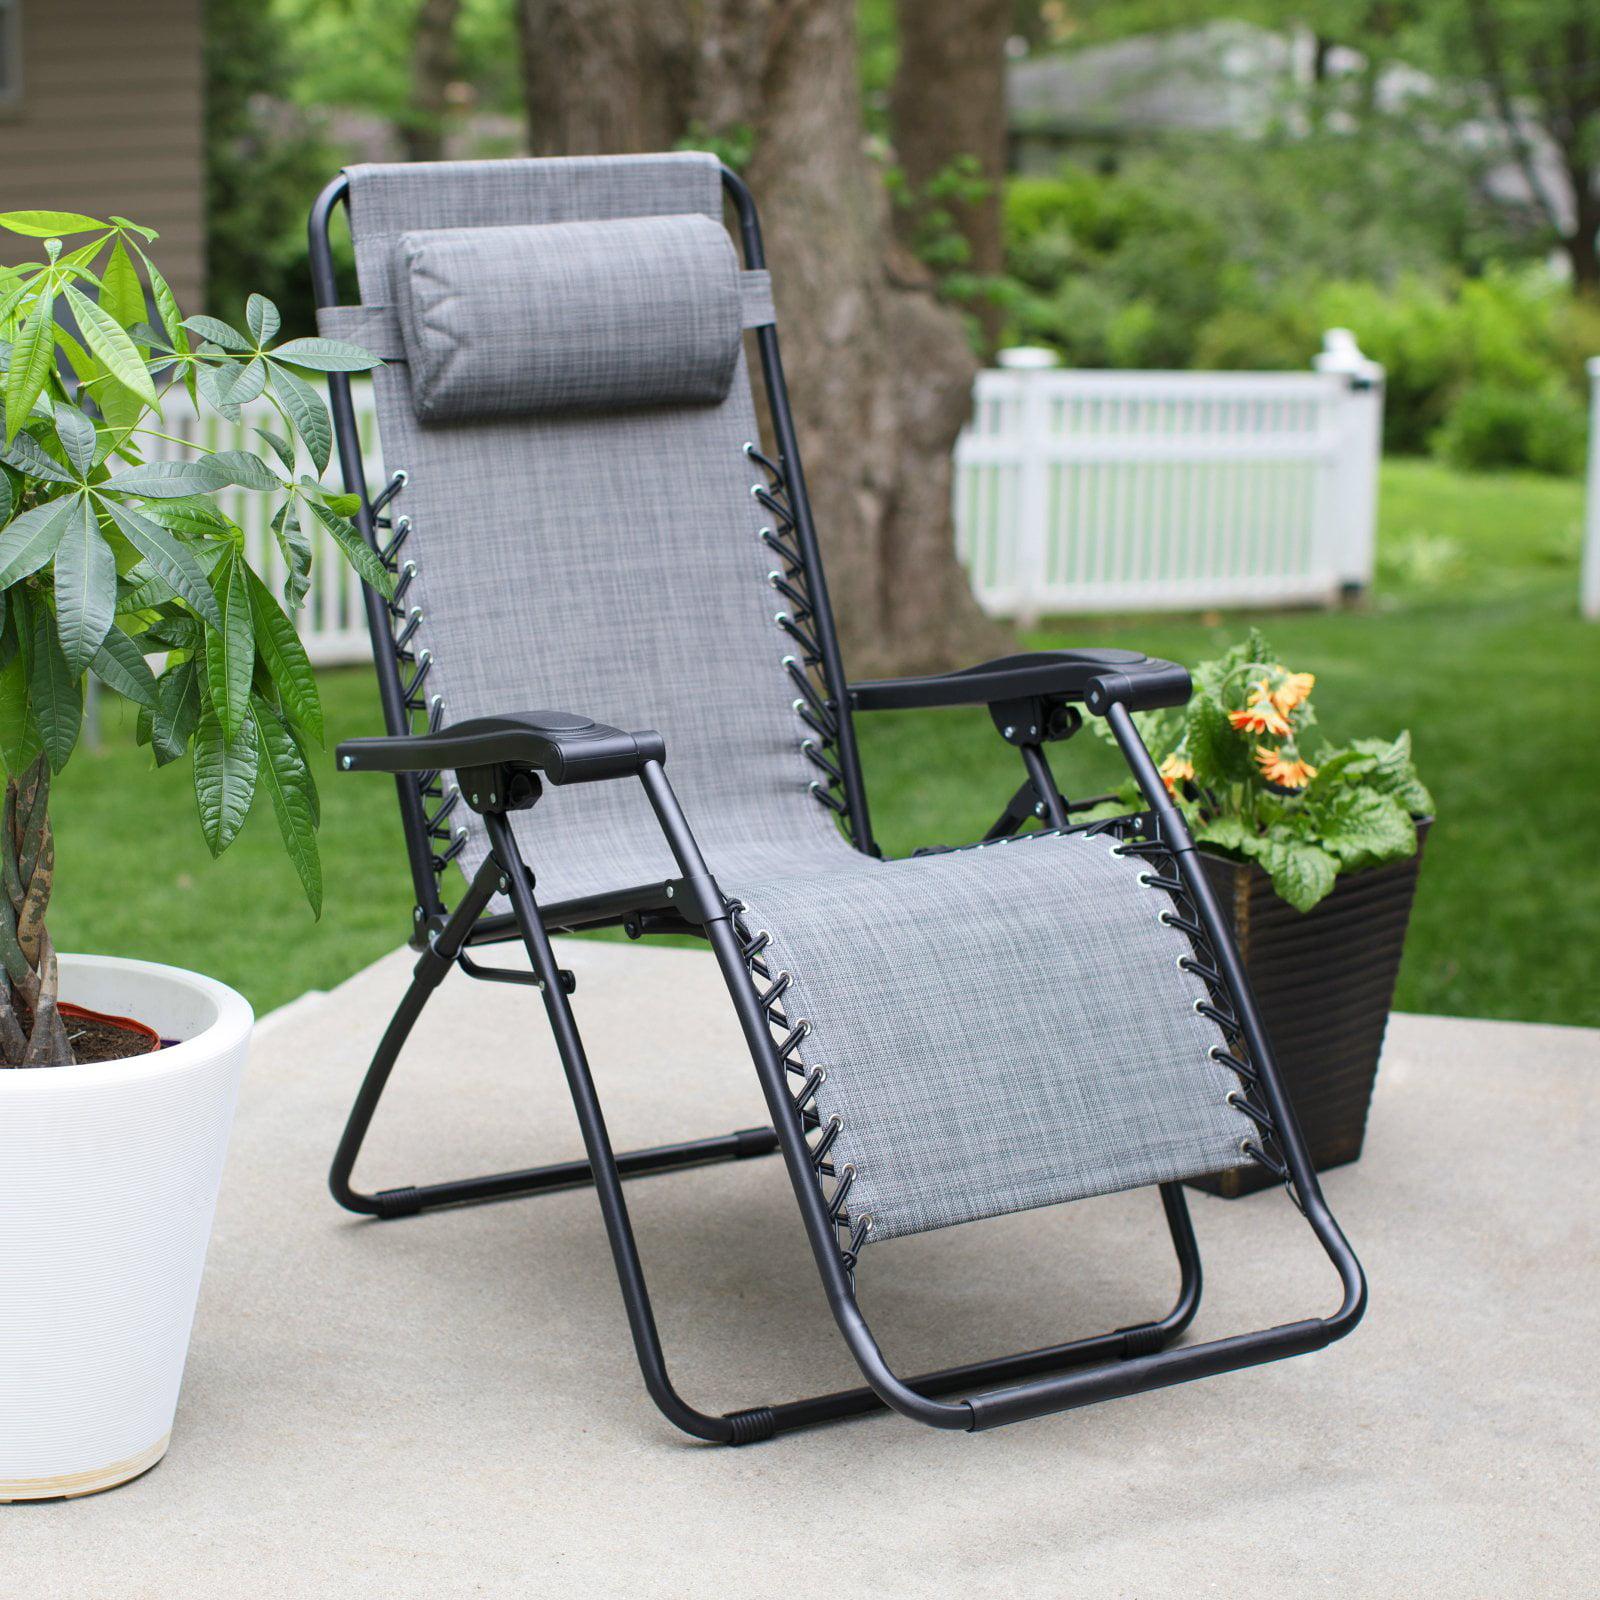 Caravan Sports Zero Gravity Sling Lounge Chair